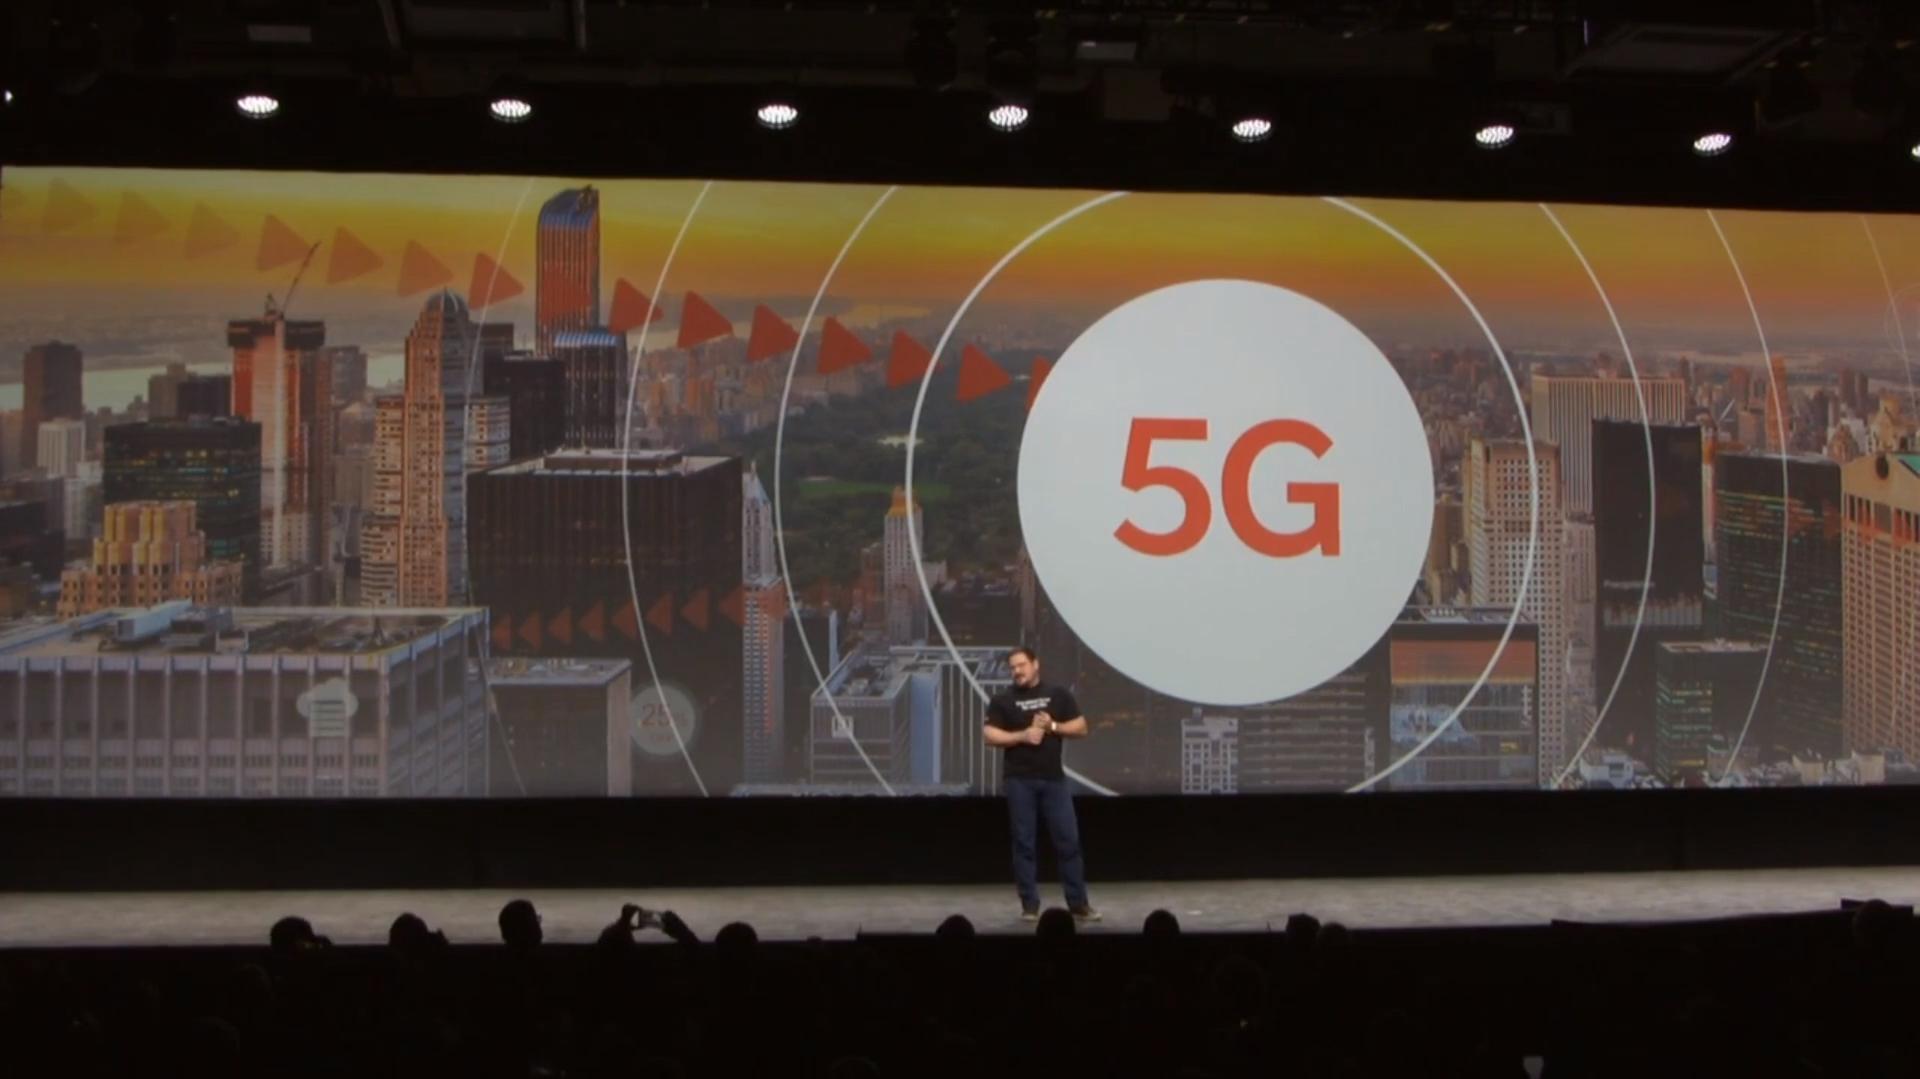 尝鲜价不低!一加5G手机再曝光:配置奢华,售价近5000元